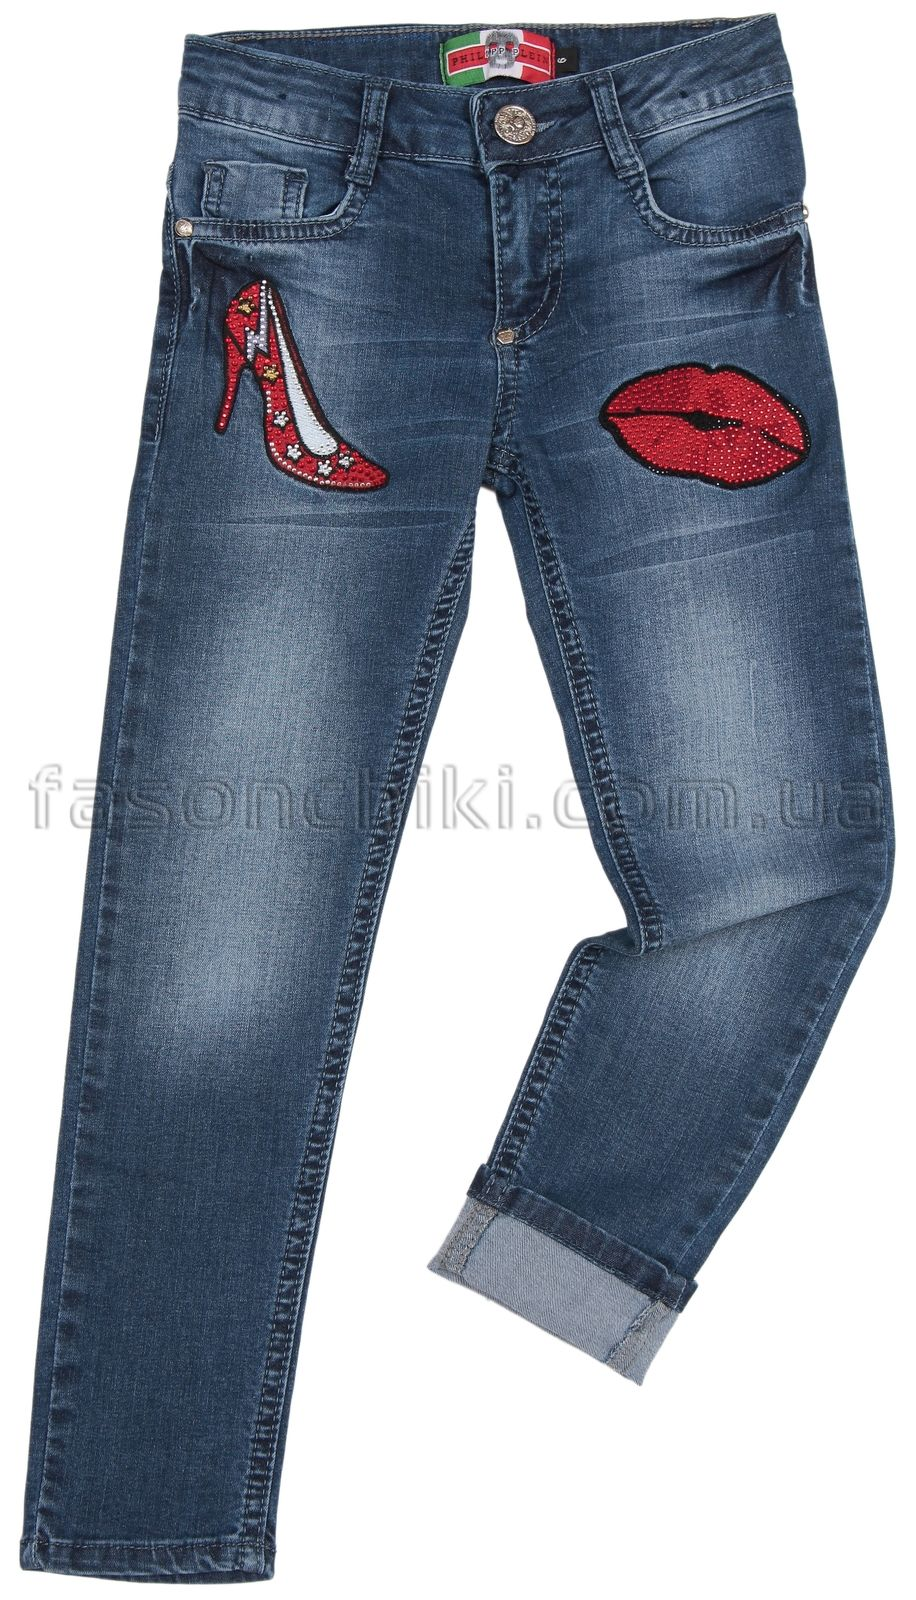 Philipp plein джинсы